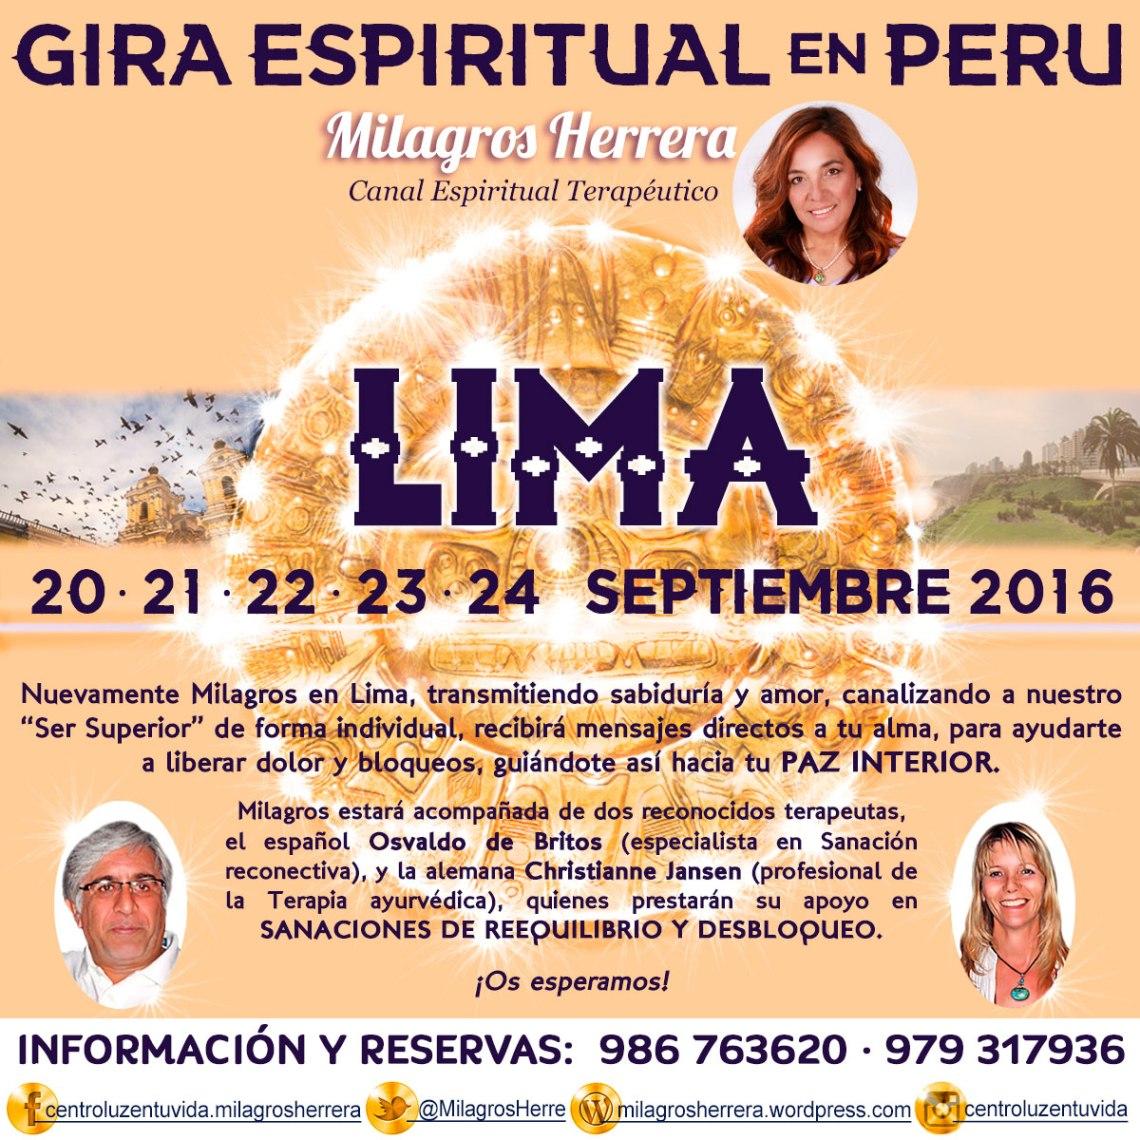 Milagros Herrera, Canalizadora Espiritual, en Lima reservas al: 986 763 620 y 979 317 936.